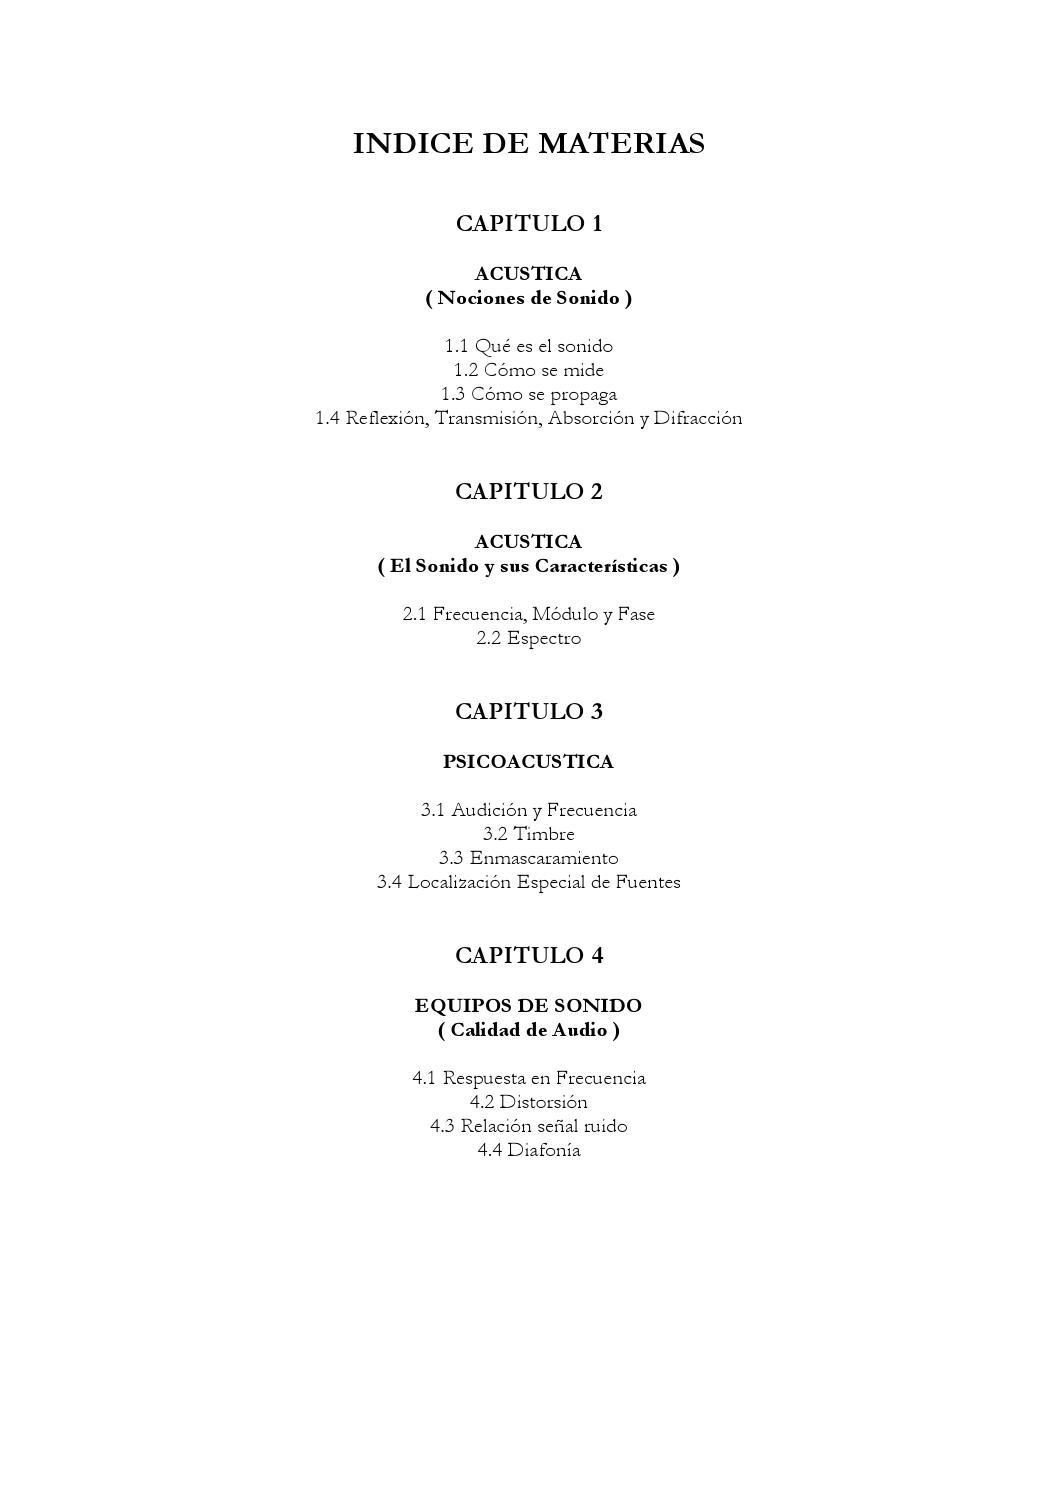 Curso de tecnico de sonido y produccion musical by musicat - issuu